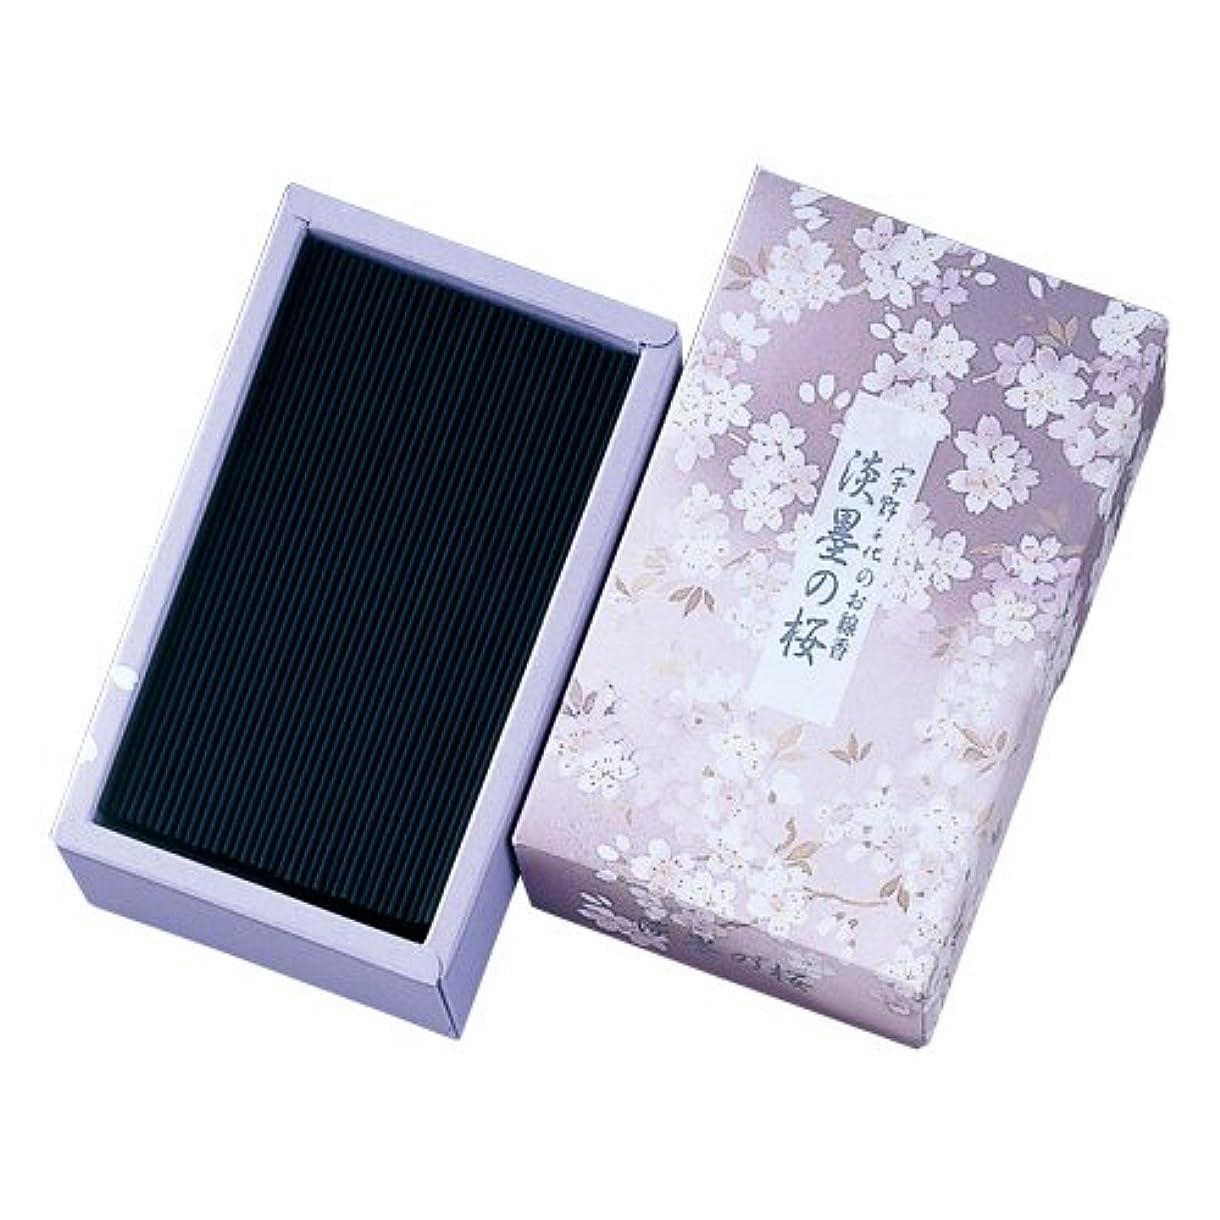 署名先行する熟読する淡墨の桜バラ詰め × 10個セット